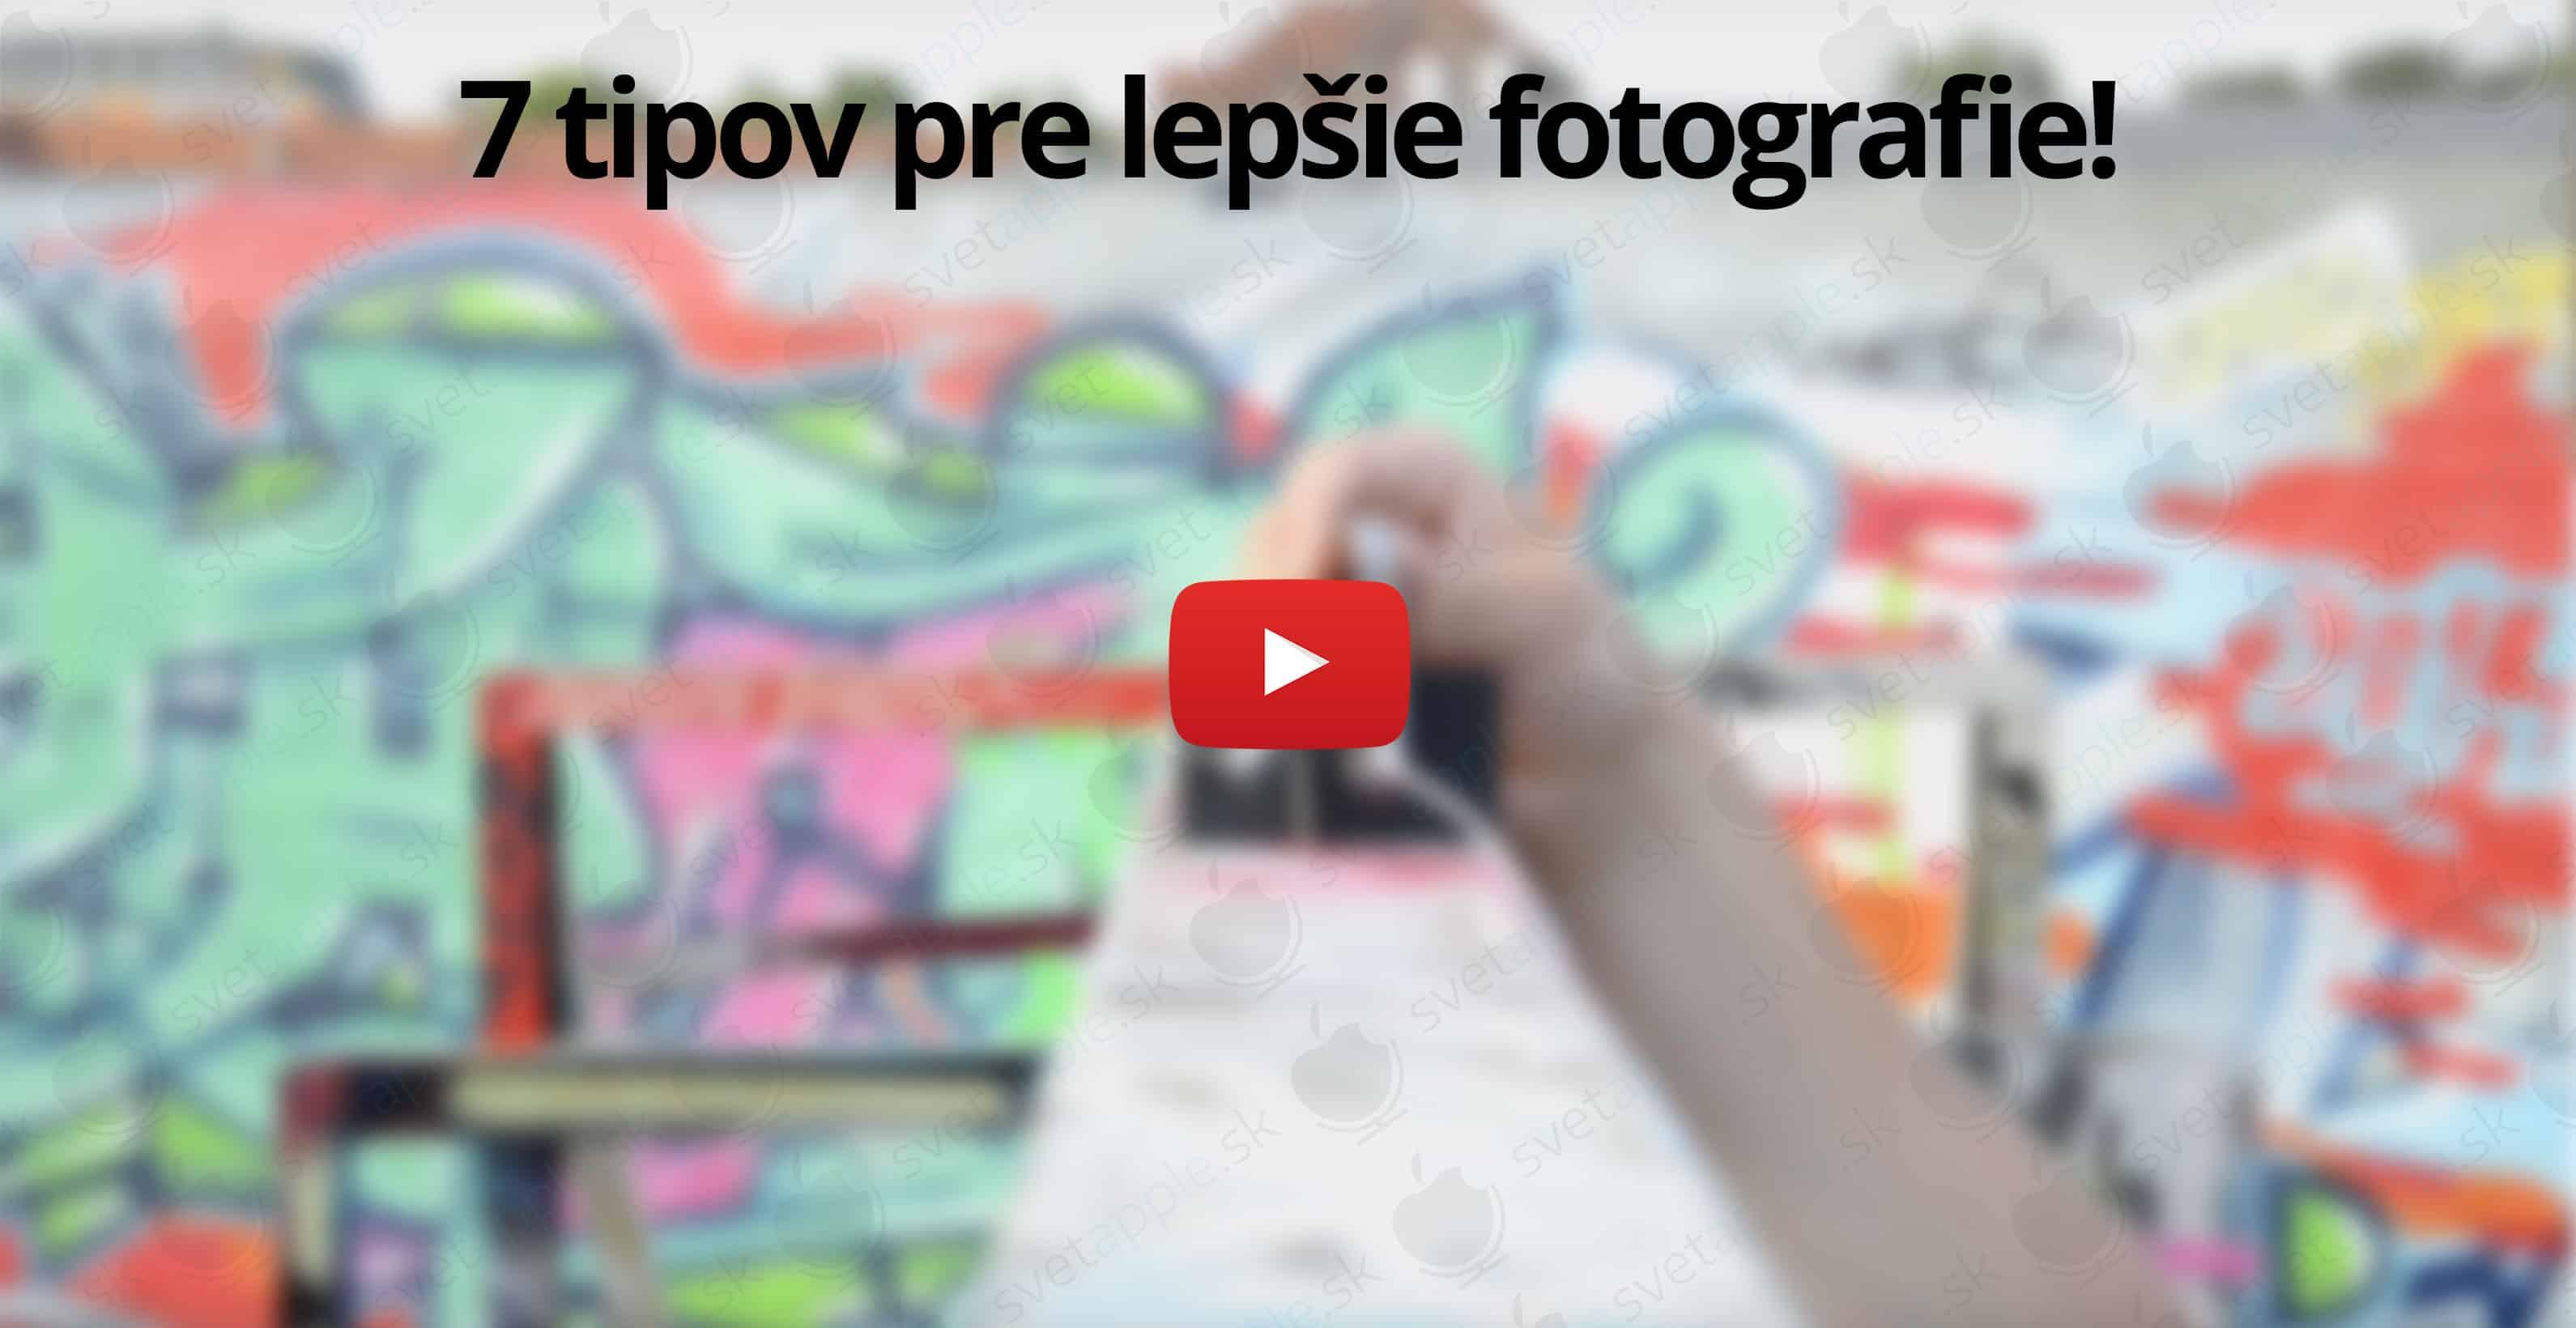 7-tipov-lepsie-fotky-iphone---titulná-fotografia---SvetApple